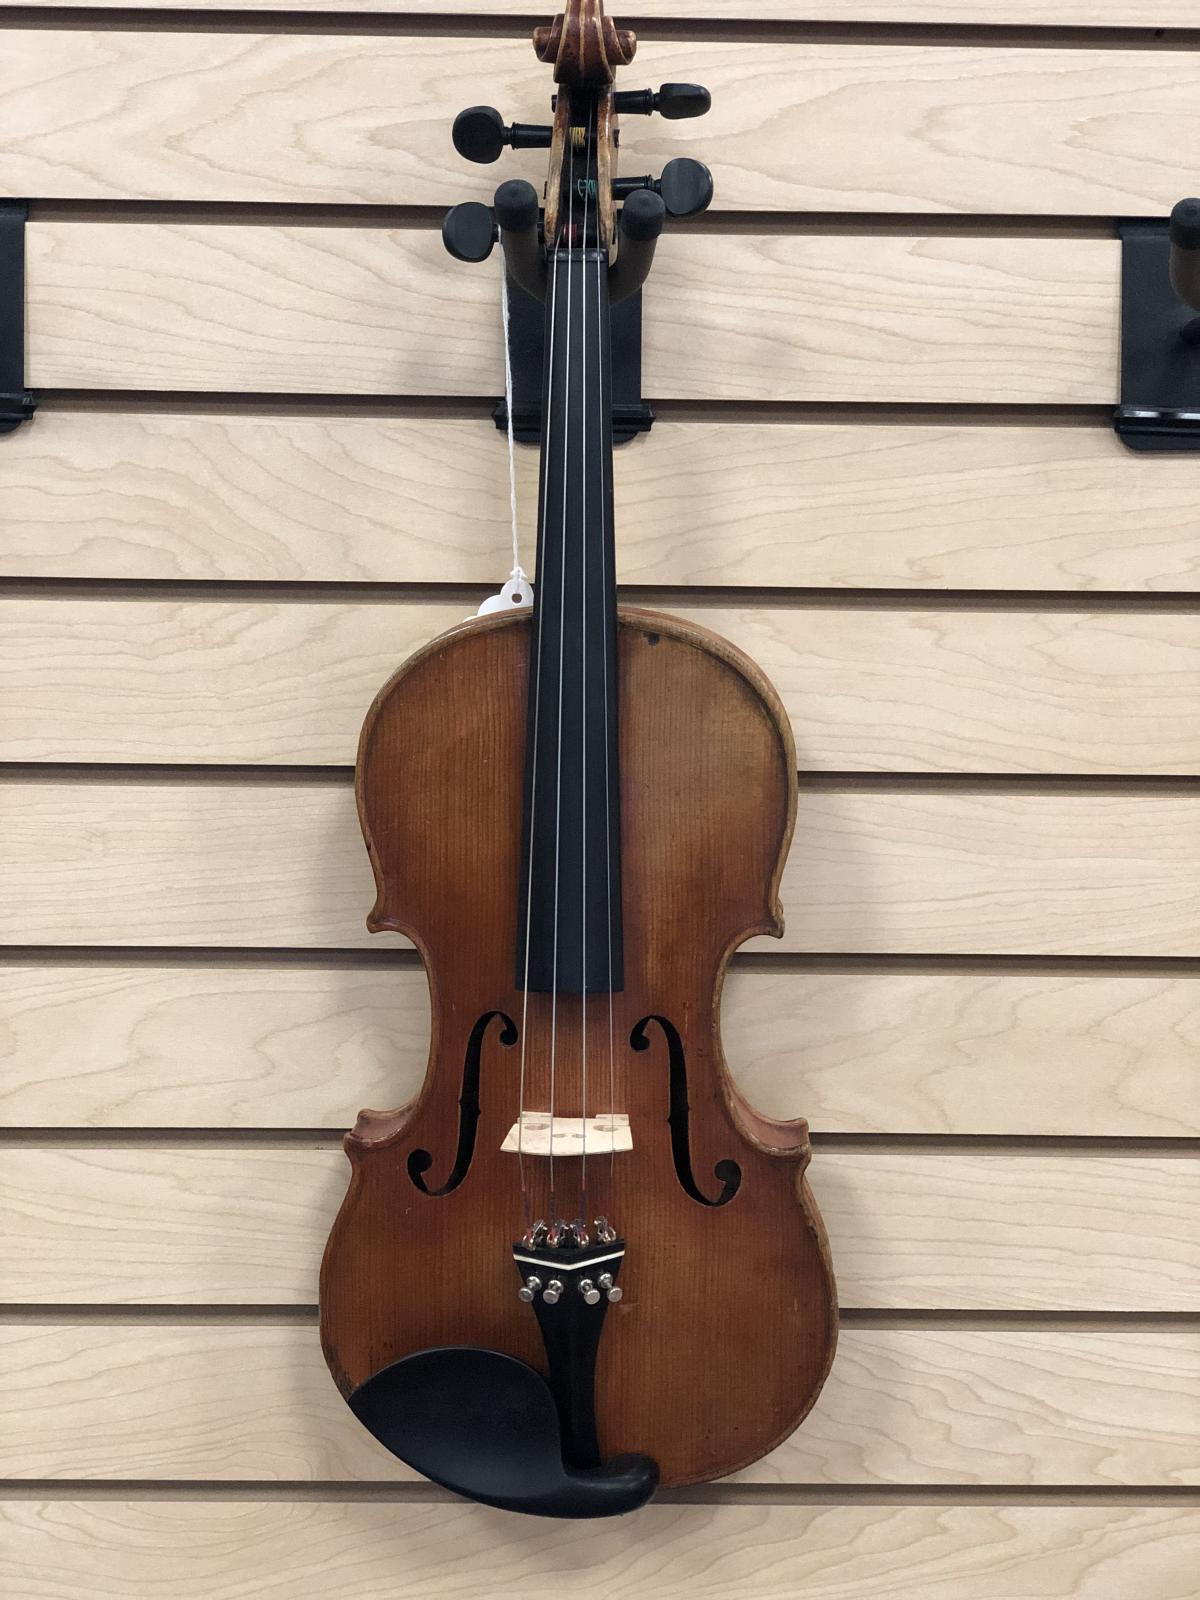 Preowned Violin Guarnerius Copy (Spicker Shop Adjusted)